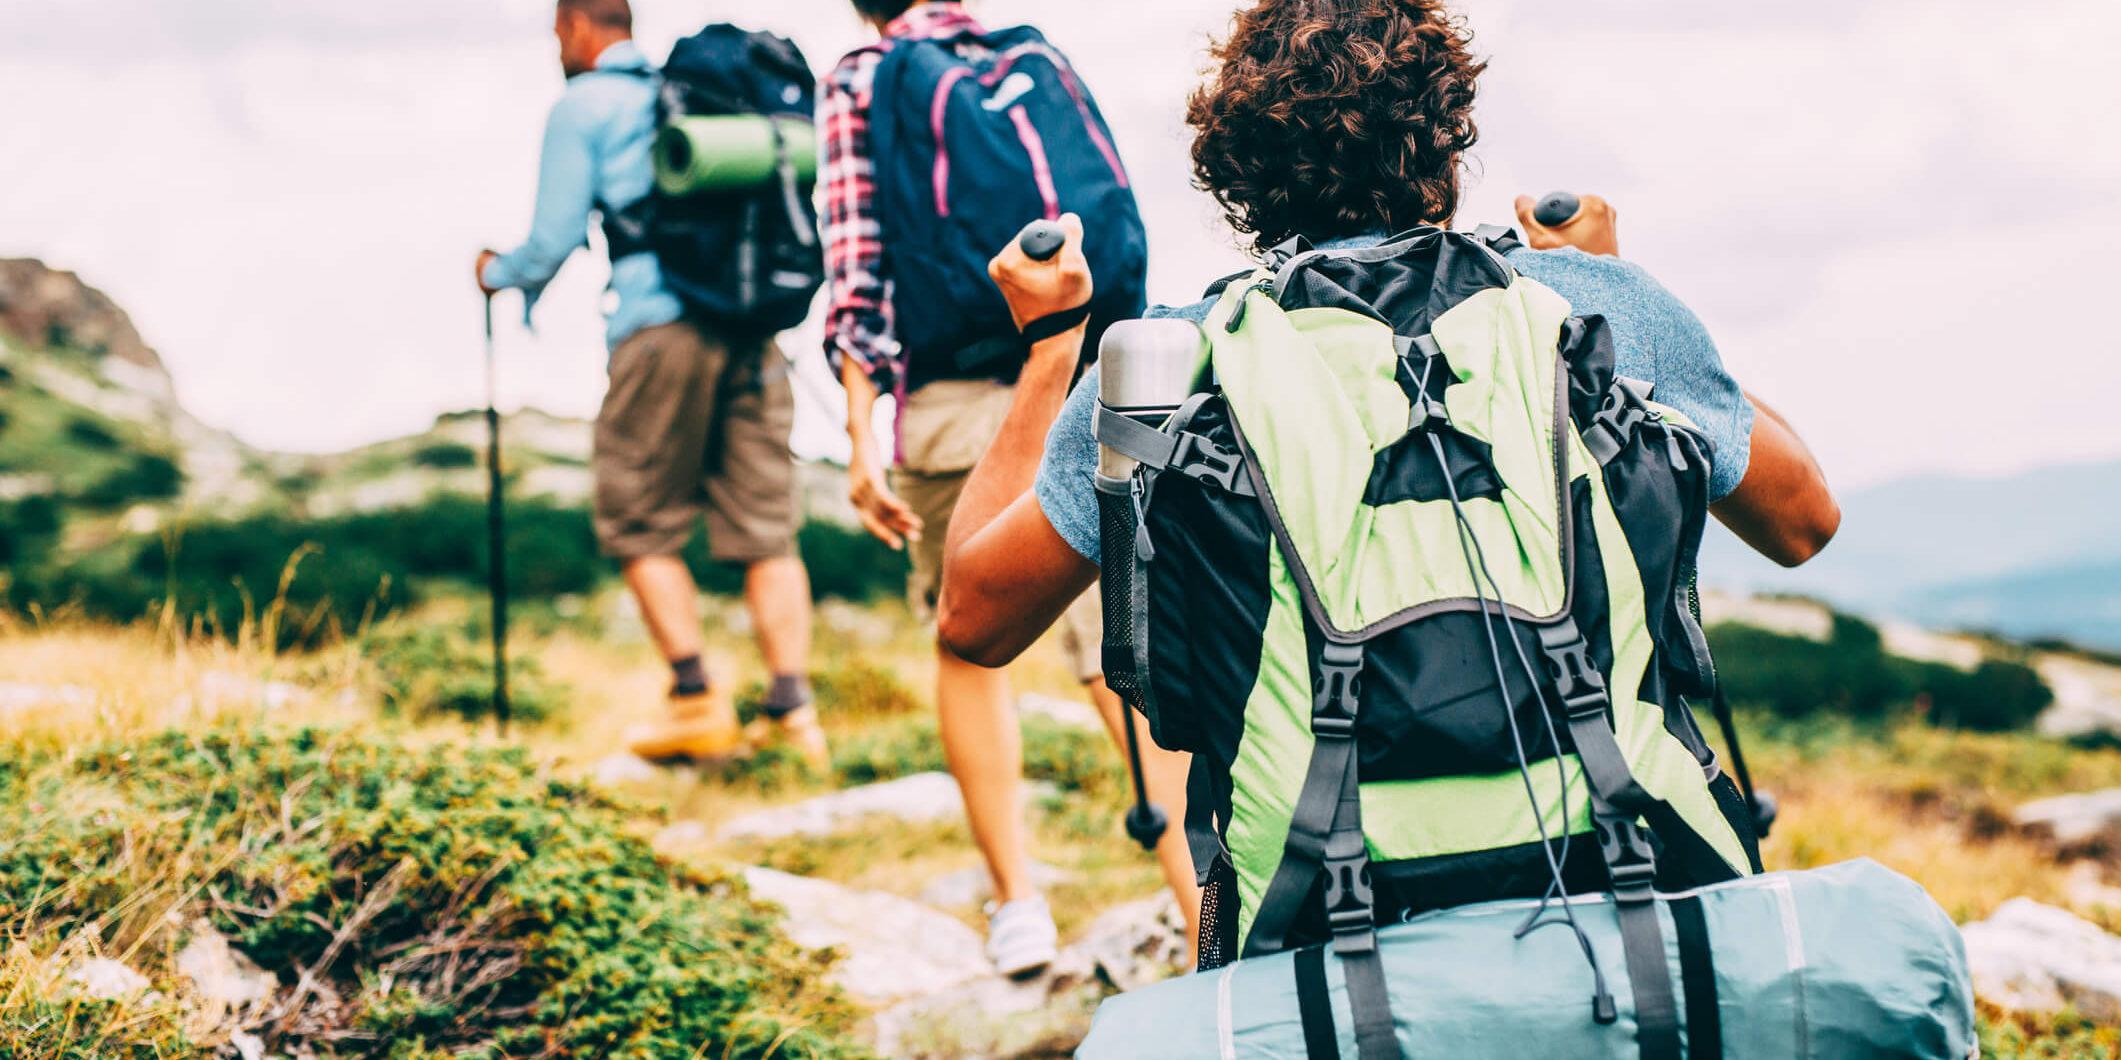 trekking - persone attrezzate